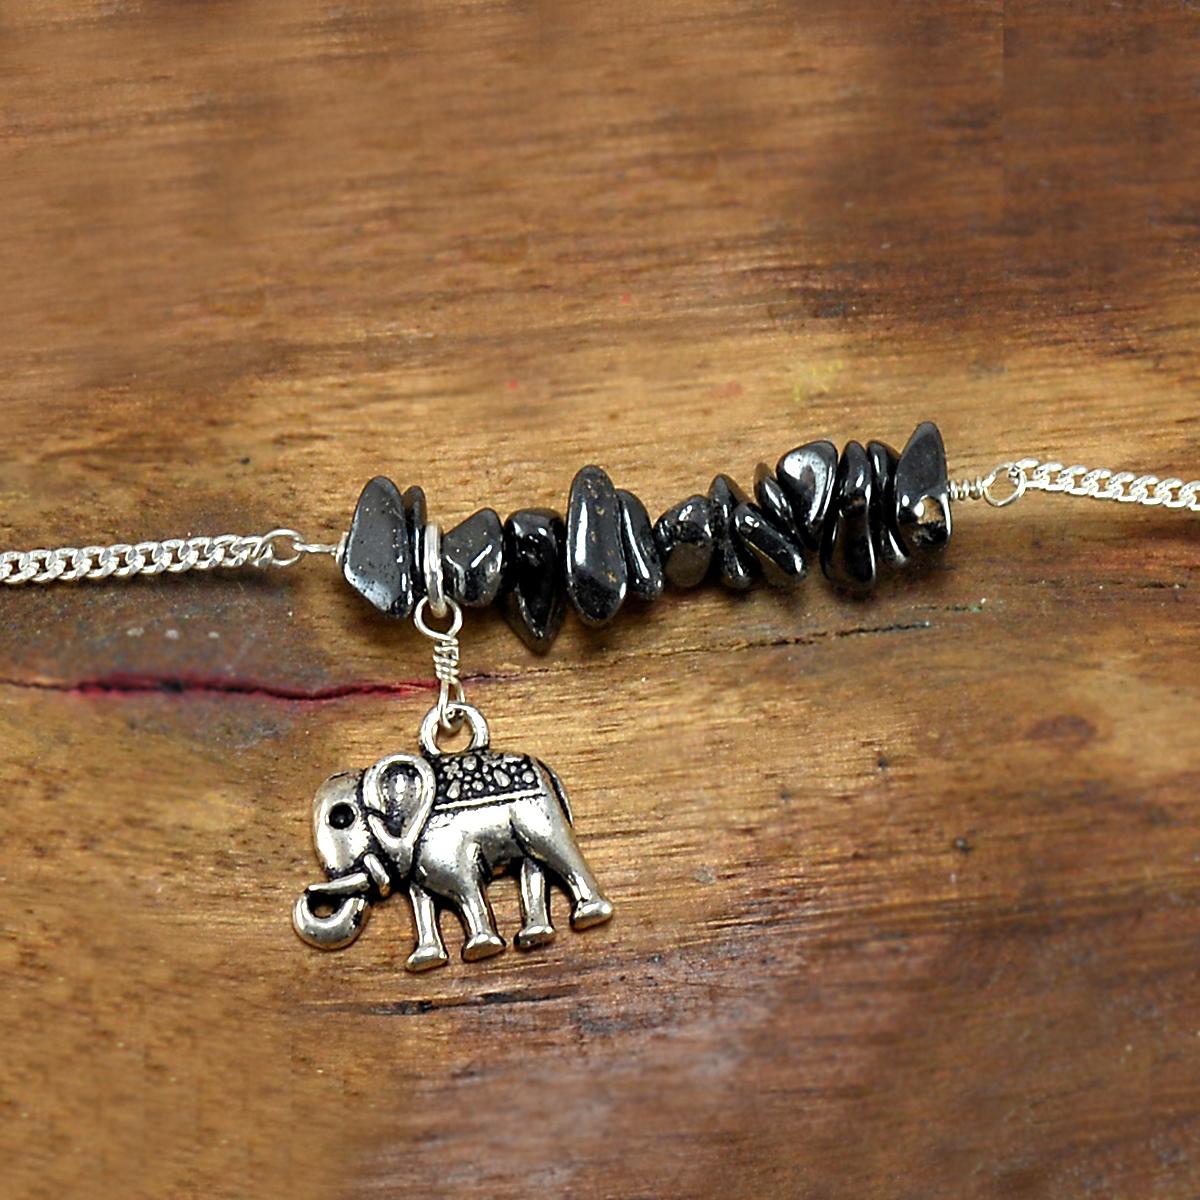 Hematite Gemstone Silver Bracelet PG-155856